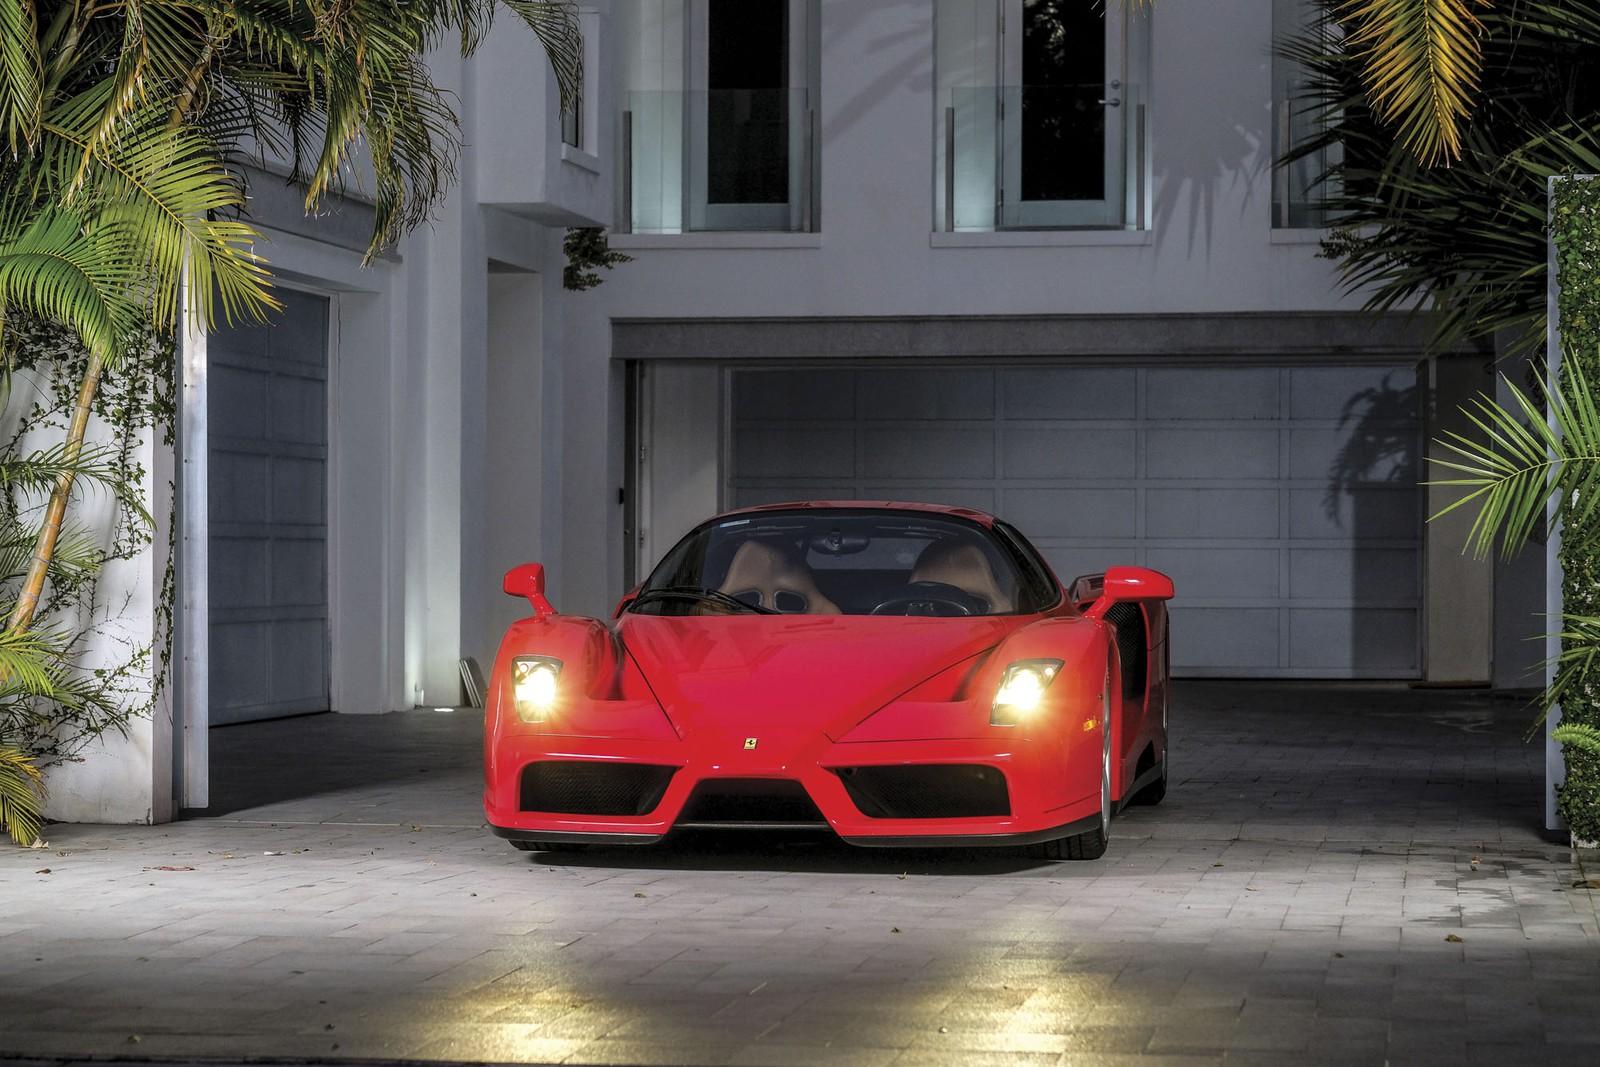 بالصور ماركة سيارات فخمة , افضل الماركات العالمية للسيارات 6582 9